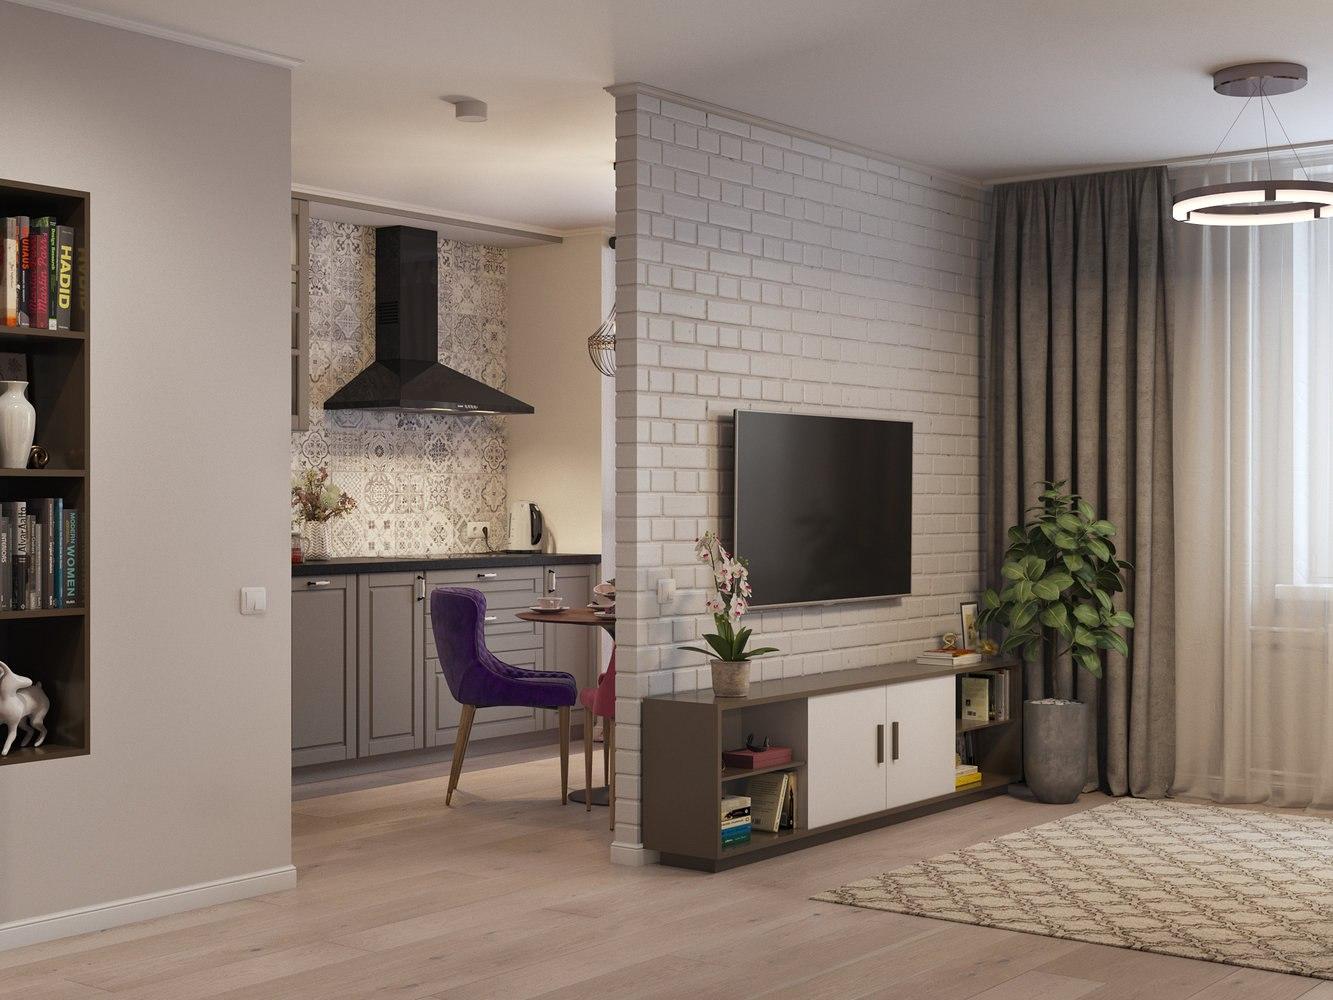 Проект однокомнатной квартиры для молодой девушки.